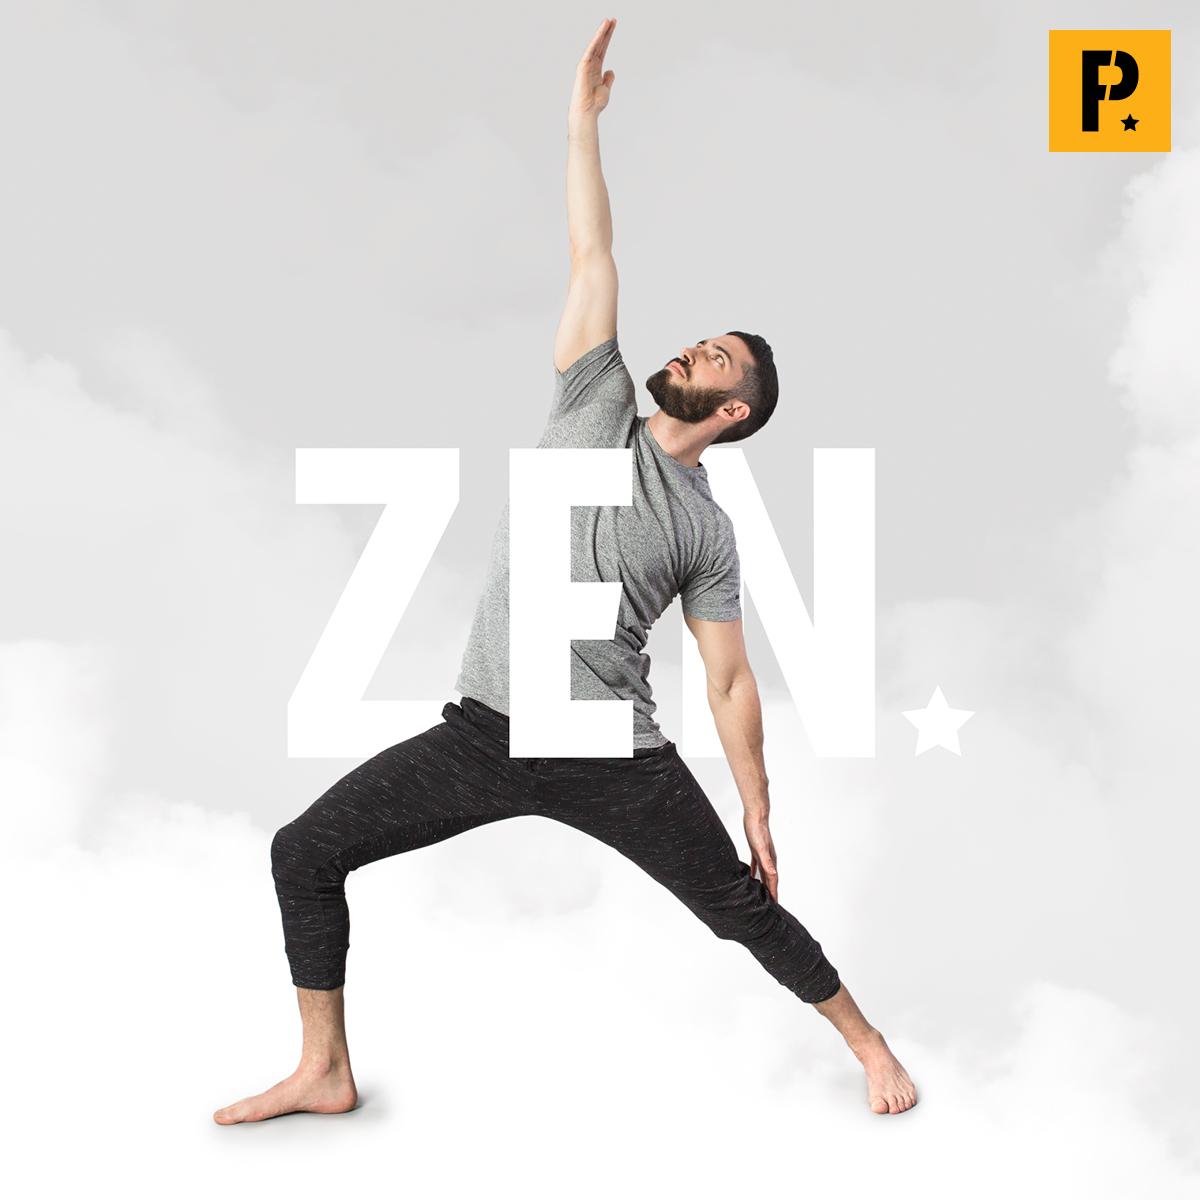 FP_CampaignAugust-ZEN-SteveR.jpg